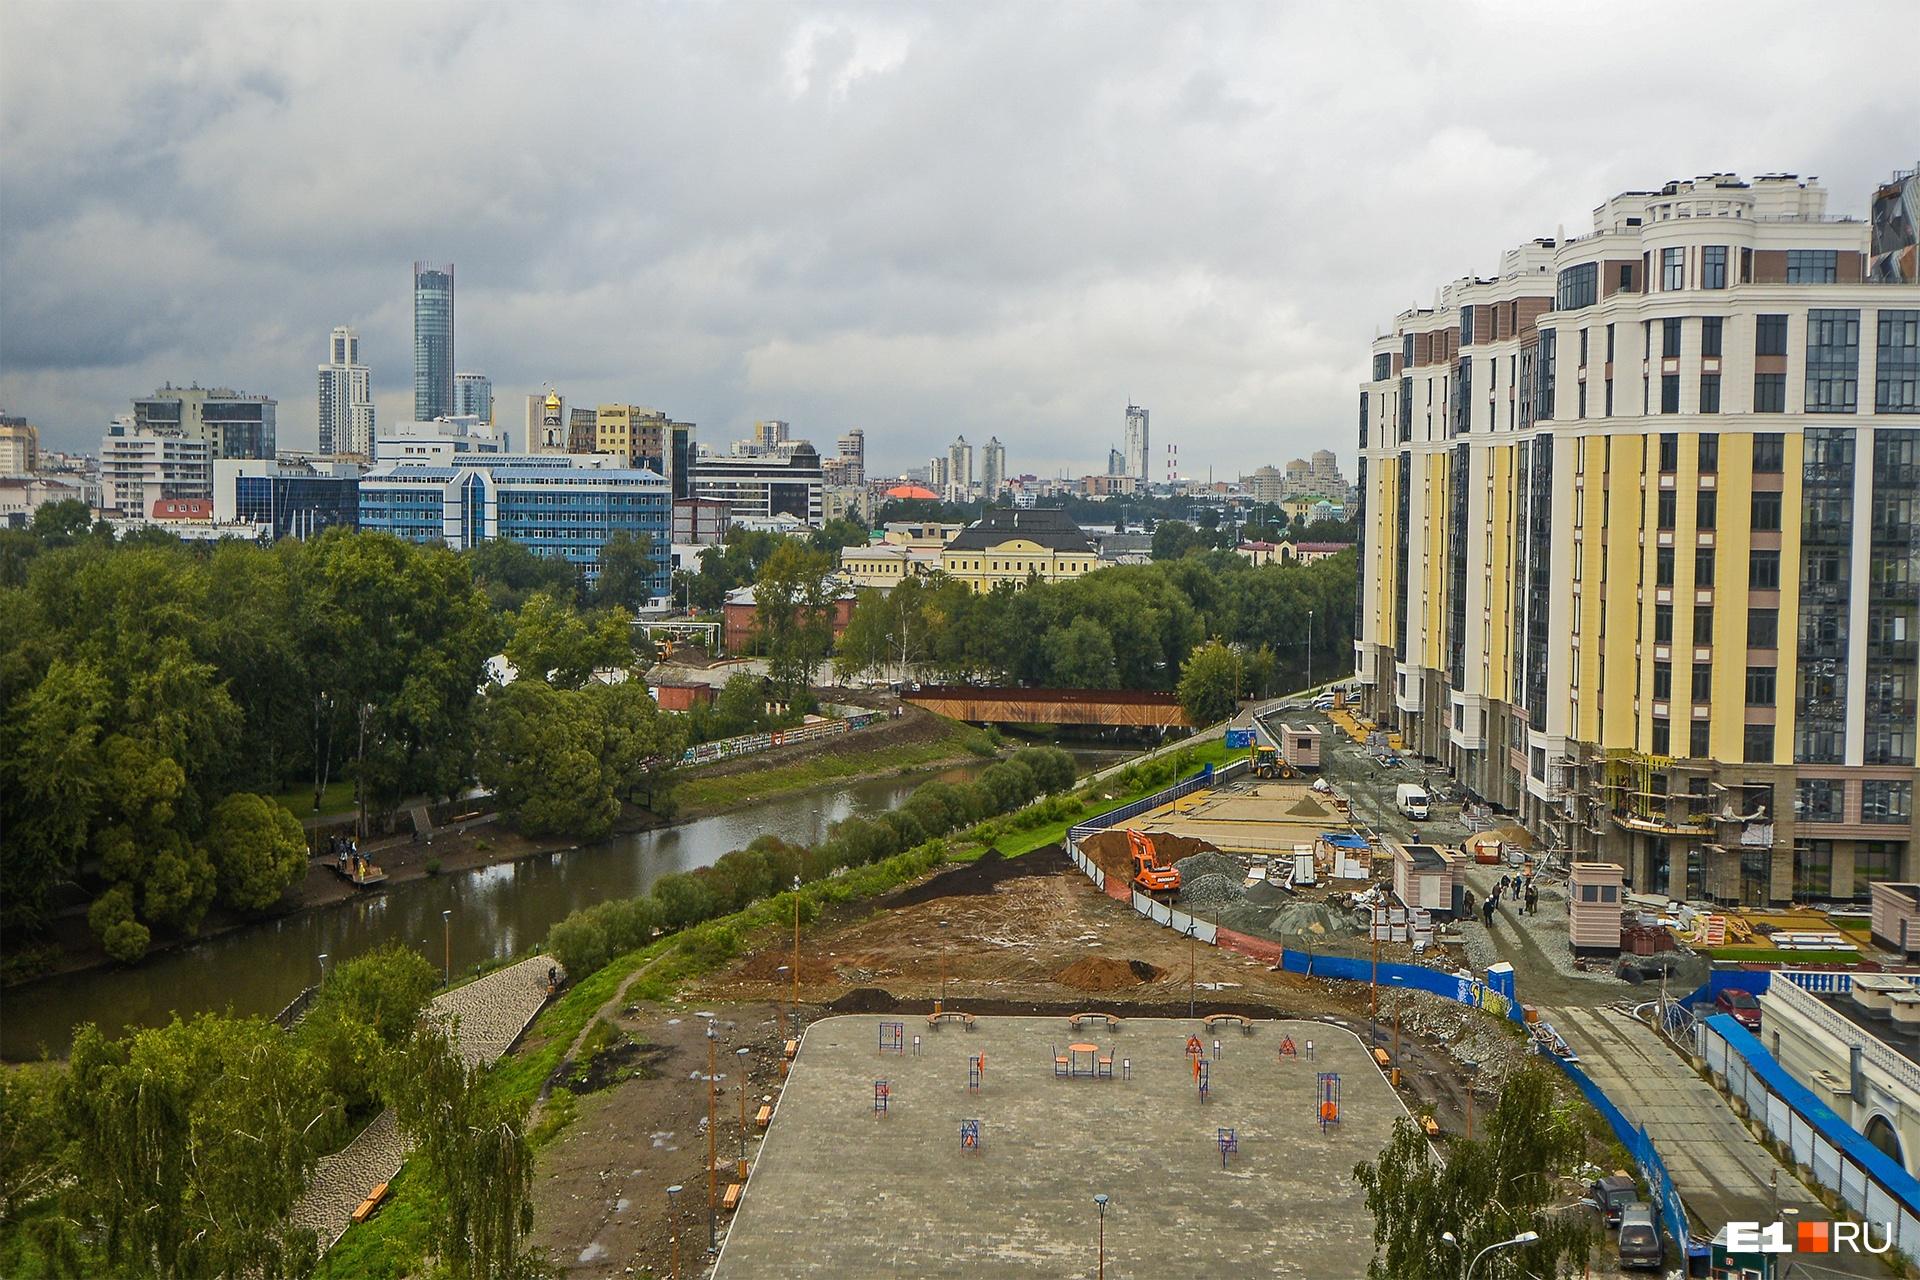 Вдали виднеется «Екатеринбург-Сити»